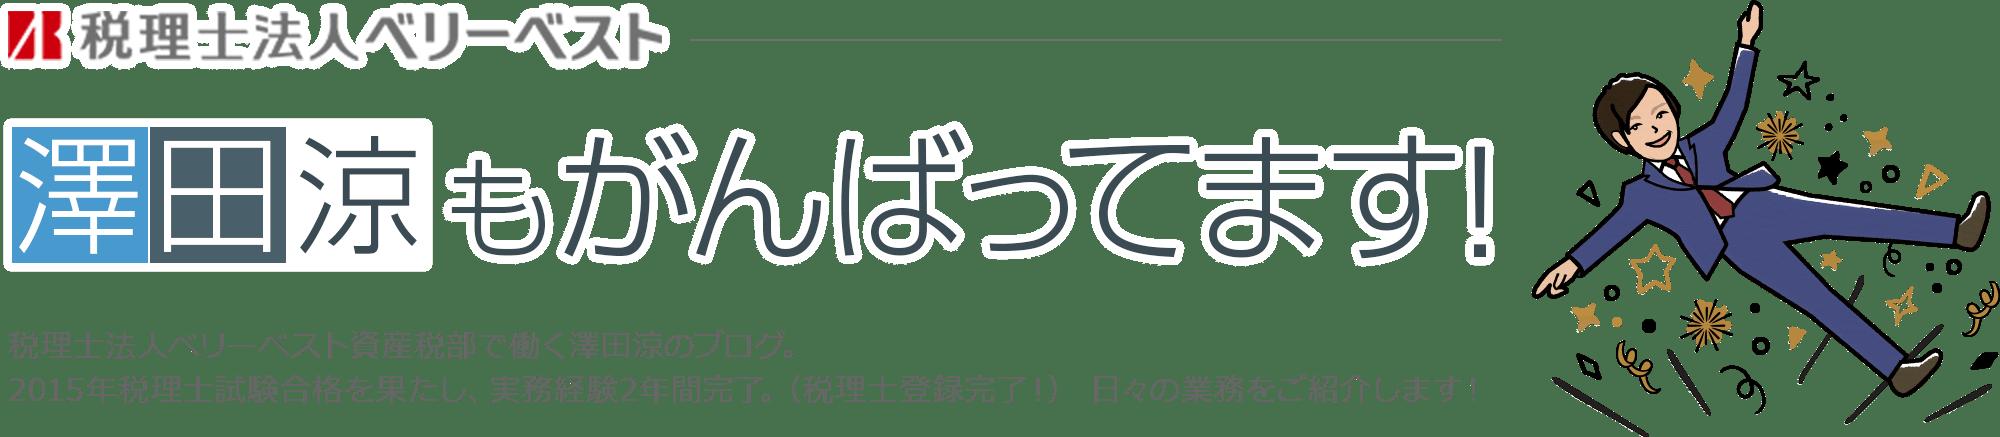 澤田涼もがんばってます!